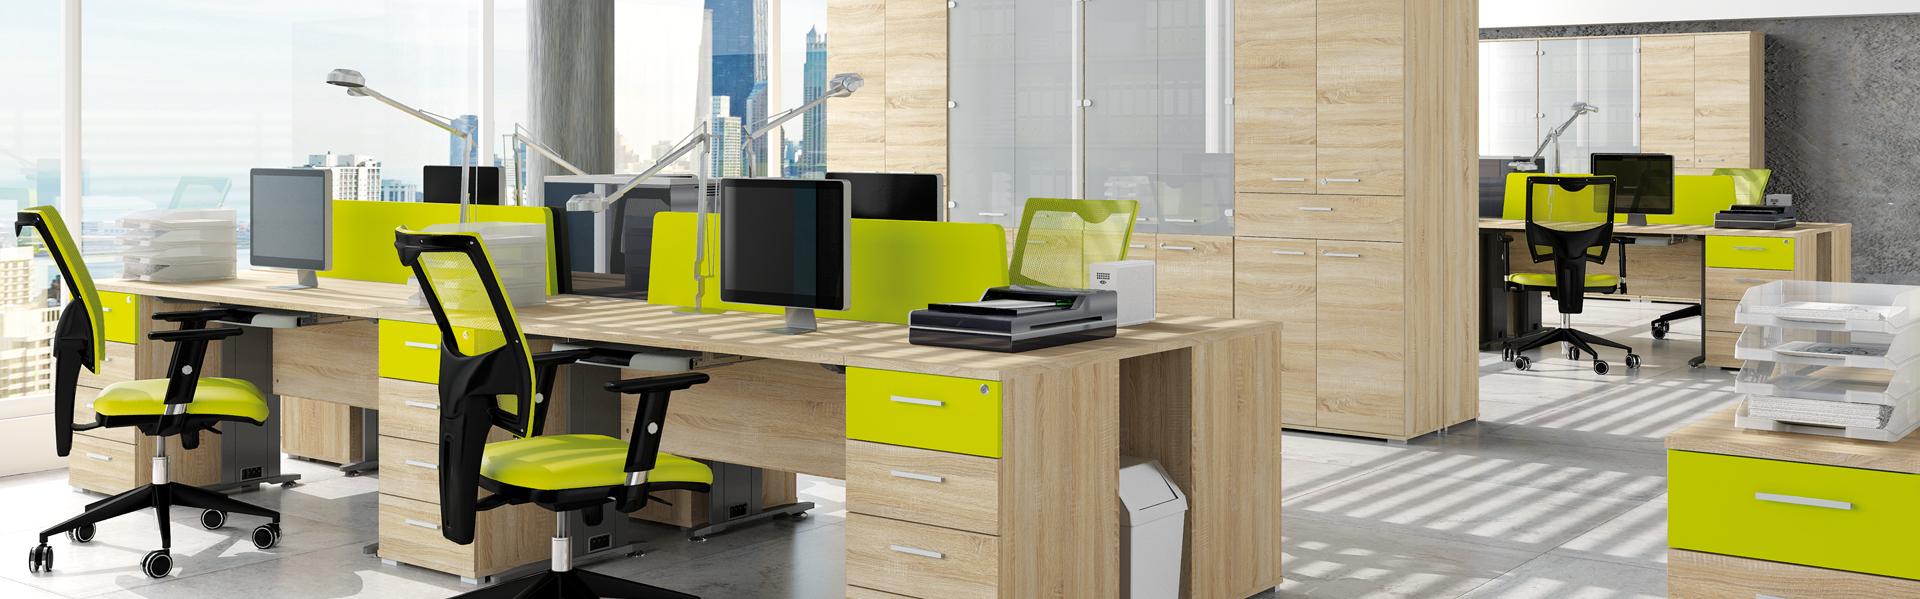 Офис, домашний кабинет